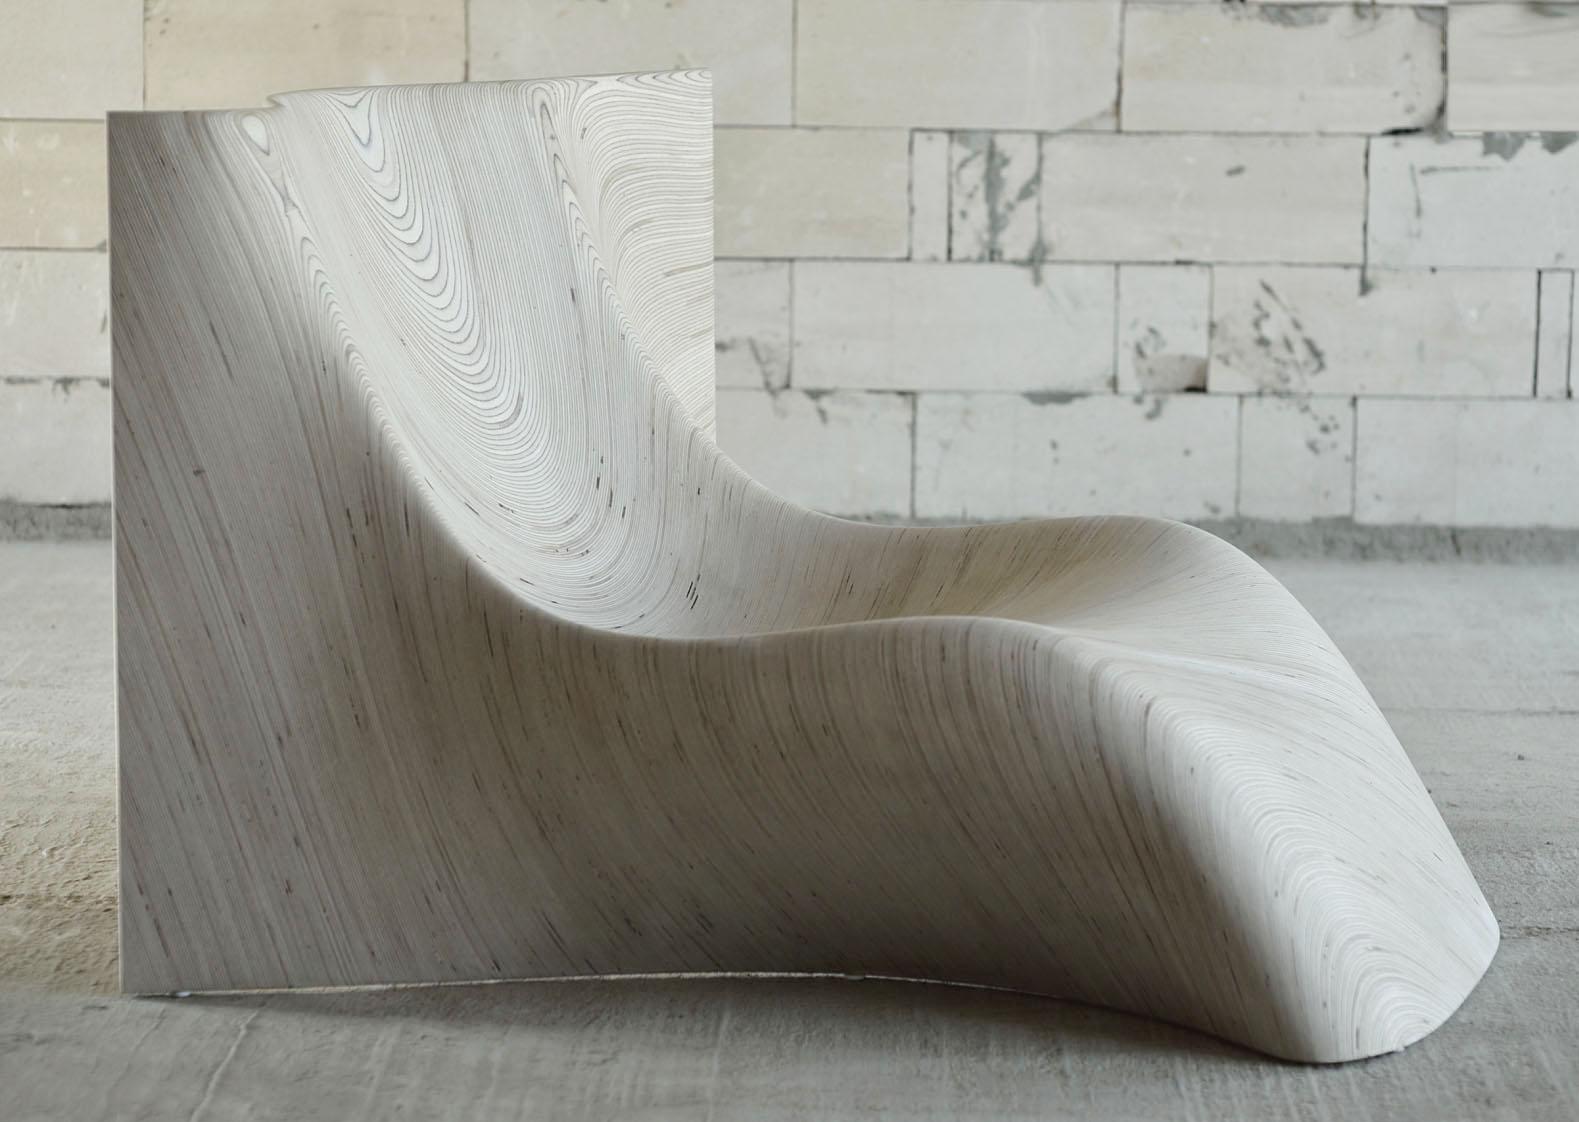 В Минске появились функциональные скульптуры от Элины Шиндлер